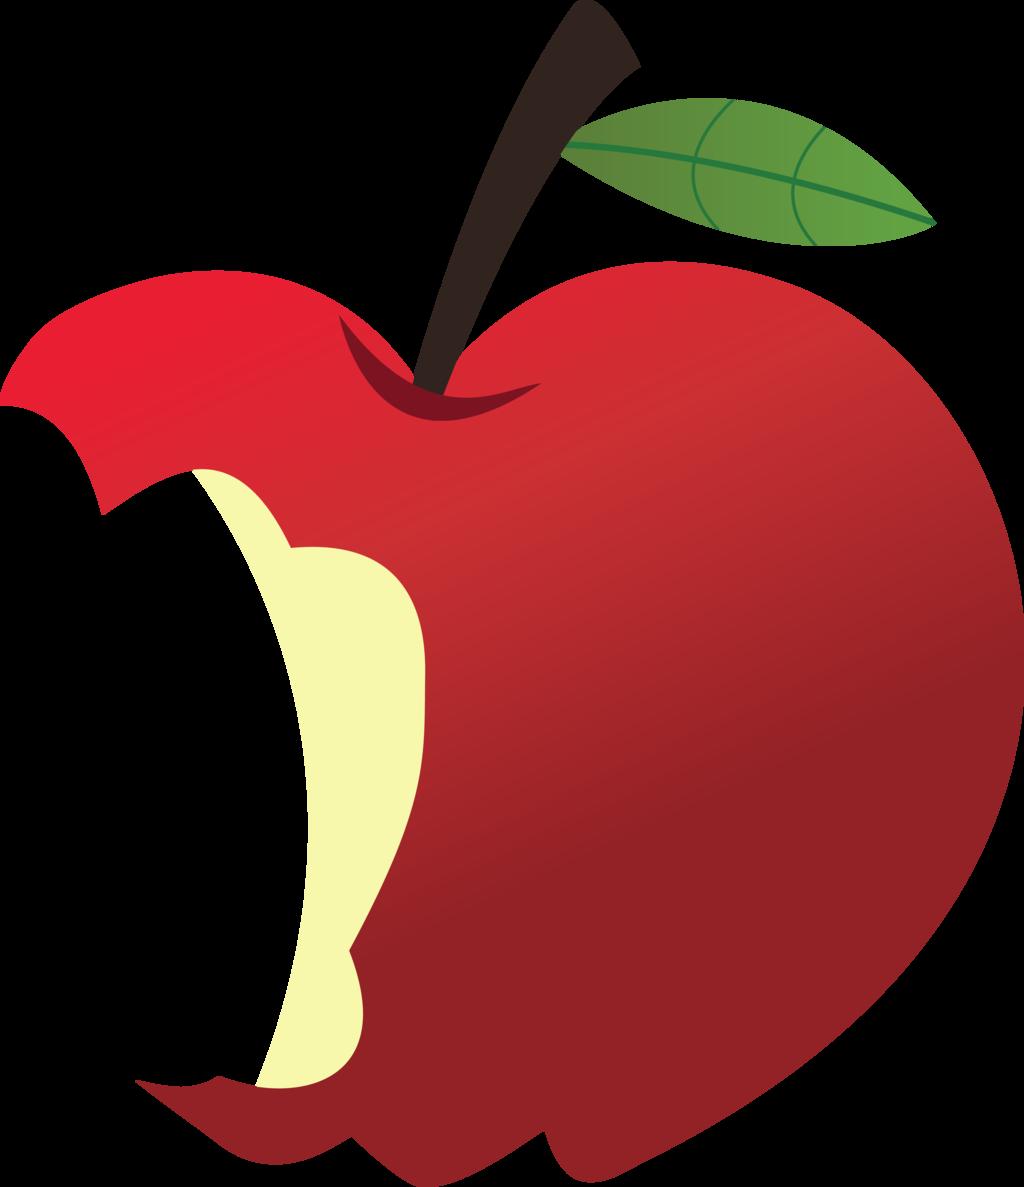 Free bitten apple.